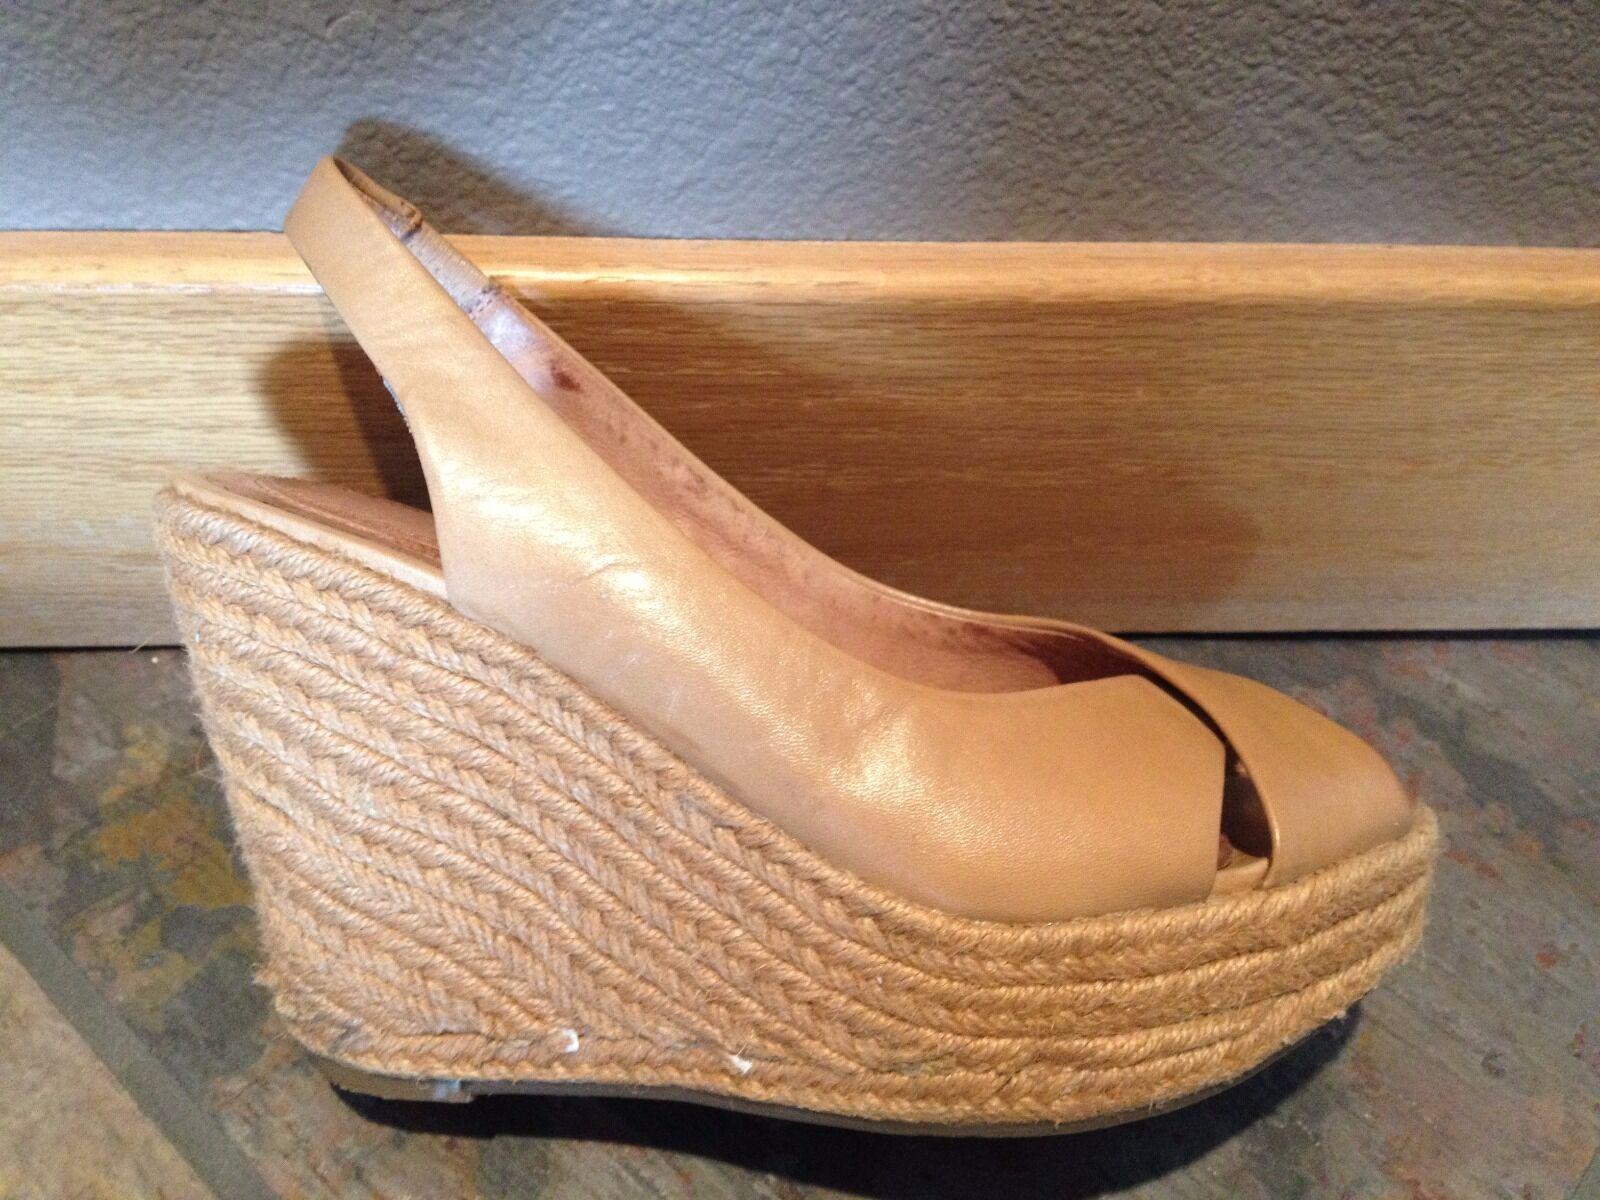 Nordstrom scarpe - Corso Como Wedge Espadrille Sandals, Dimensione 8, Great Condition